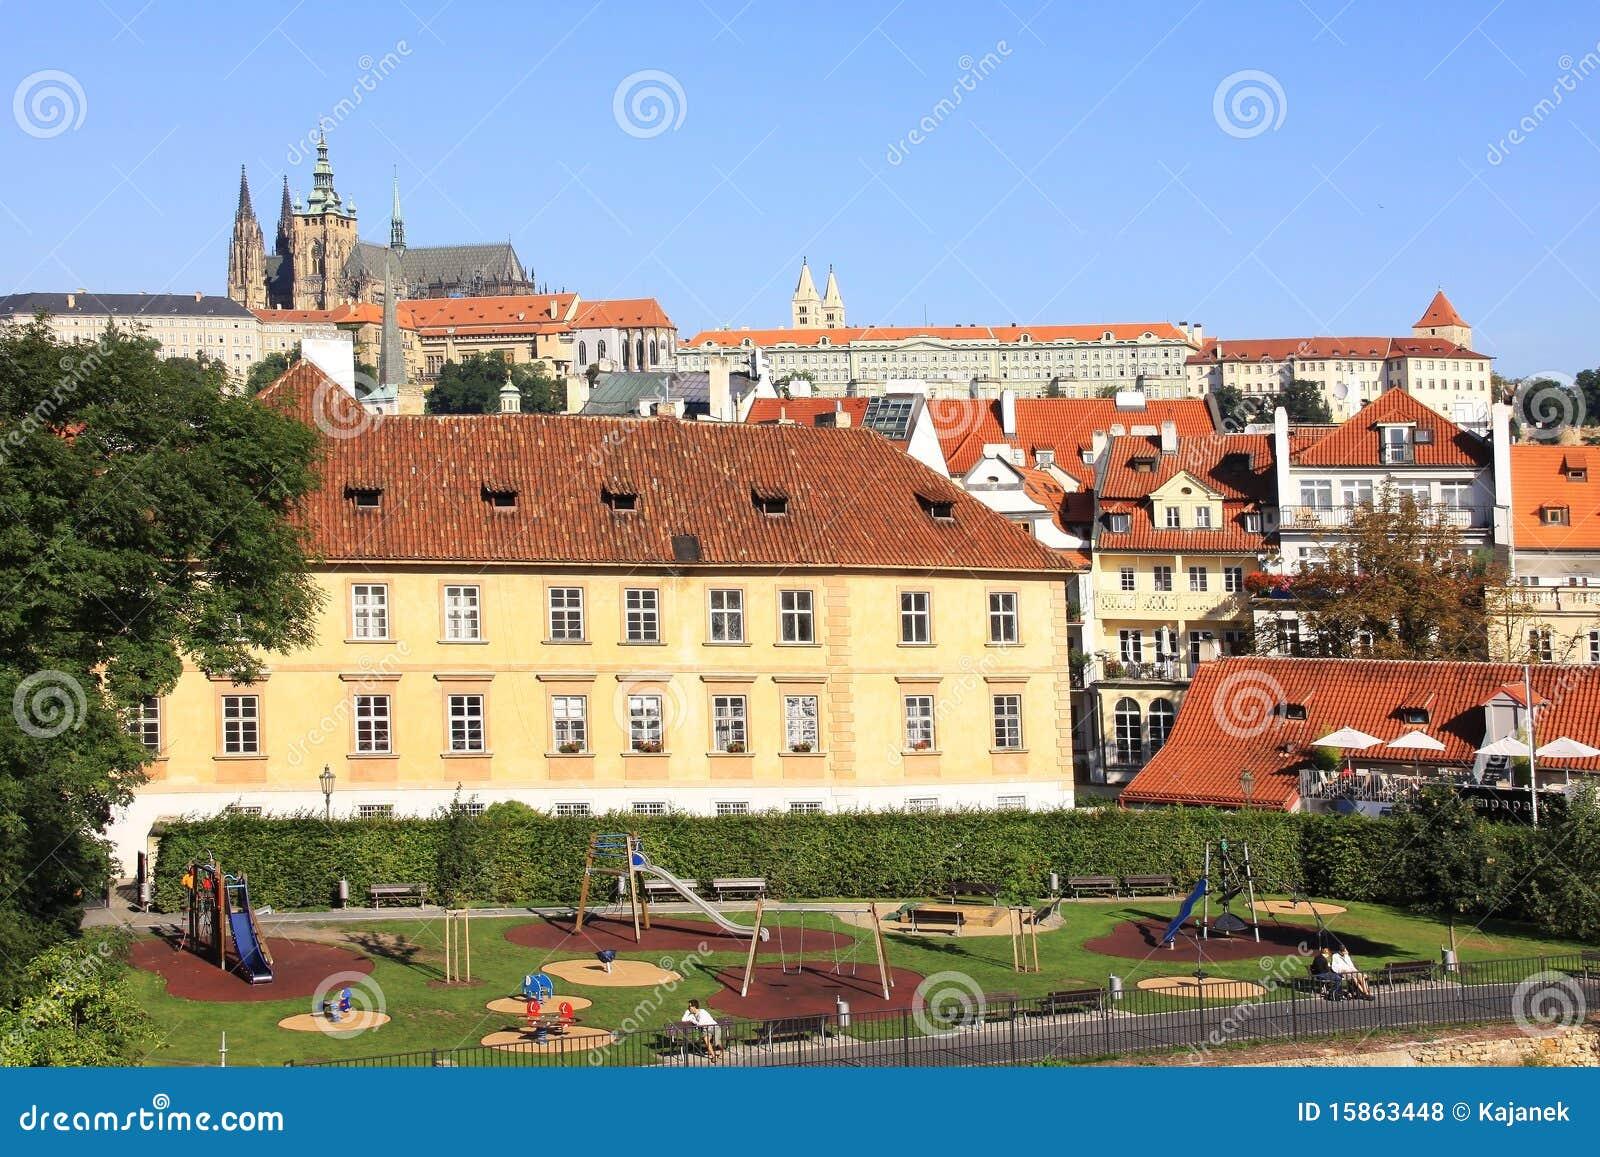 Libere da diritti: castello gotico di praga sopra il fiume vltava